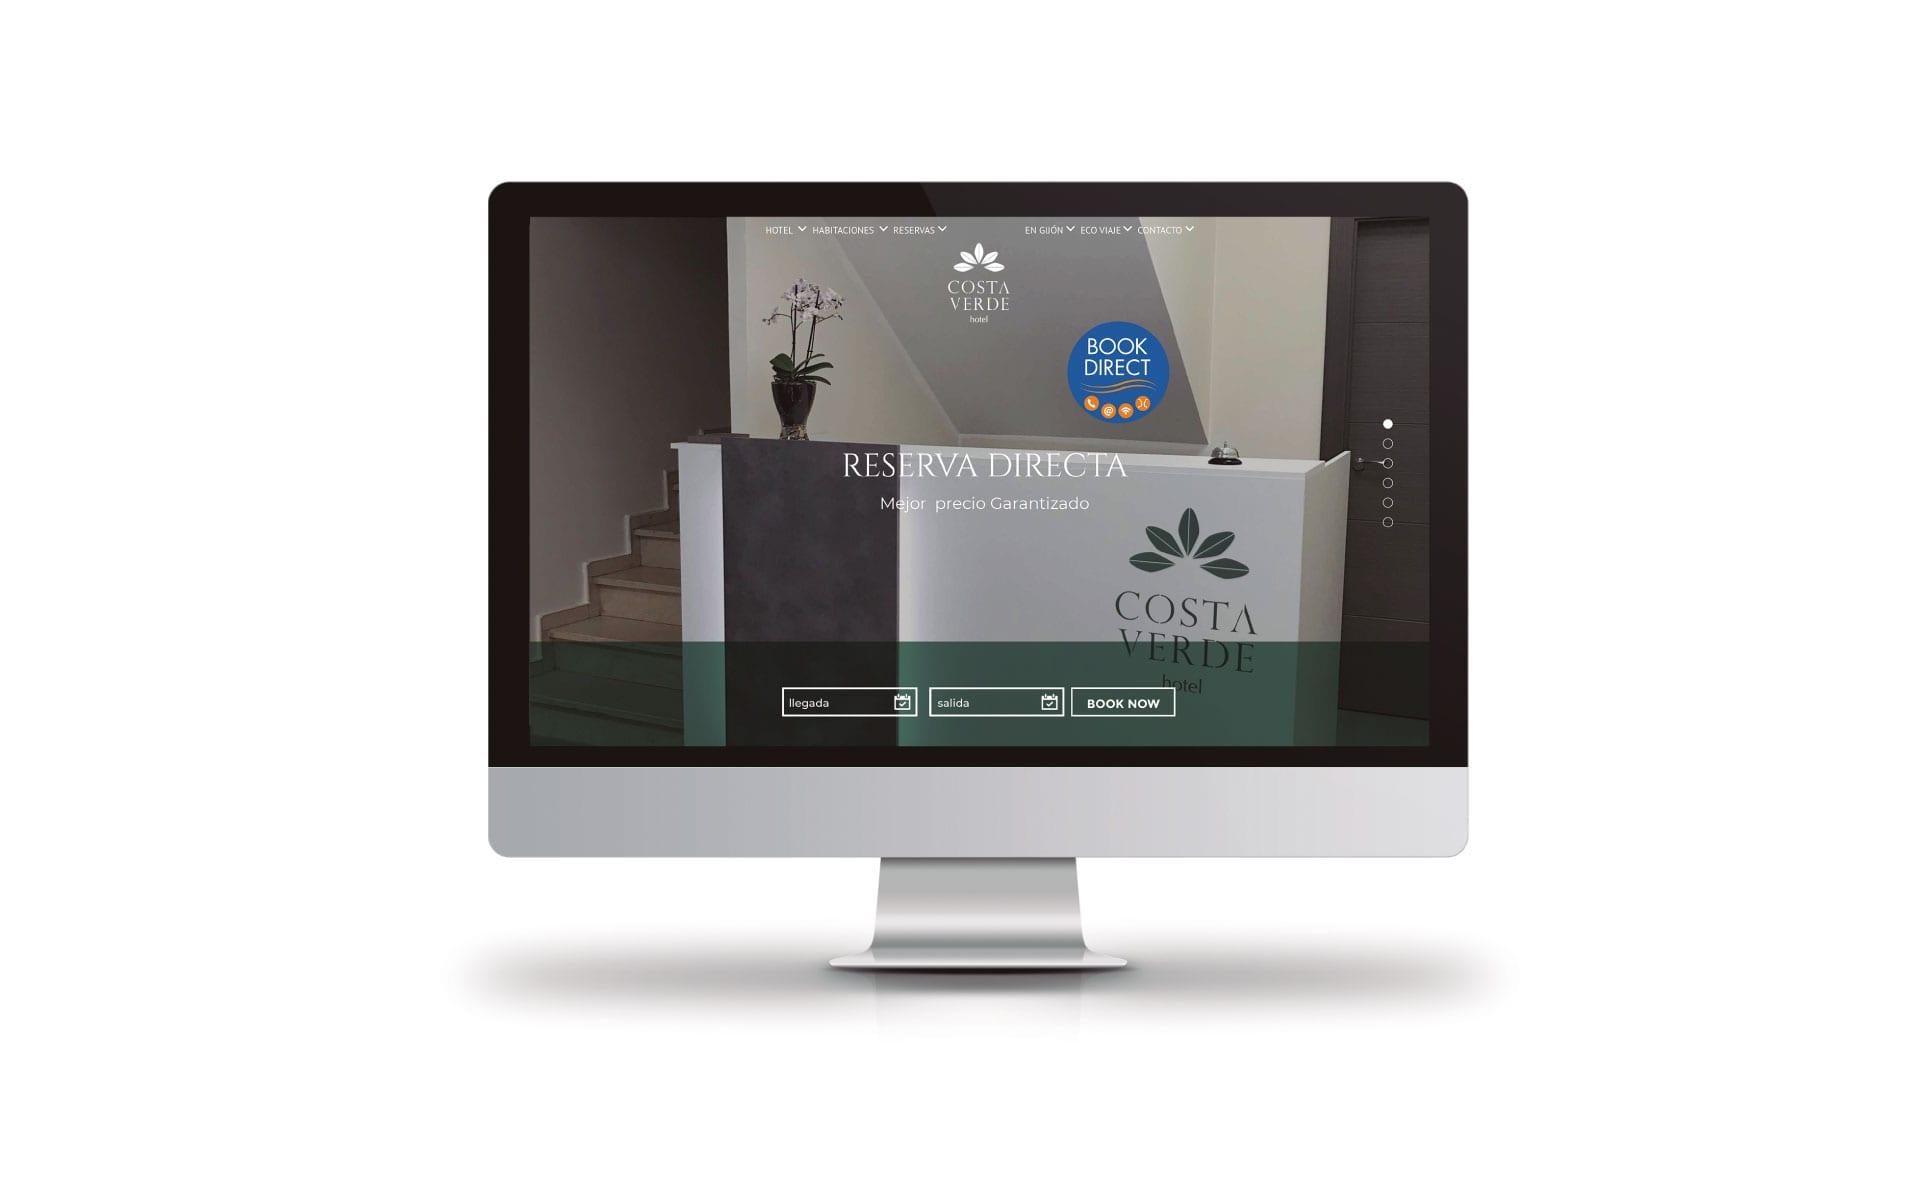 Diseño web para Hotel Costa Verde